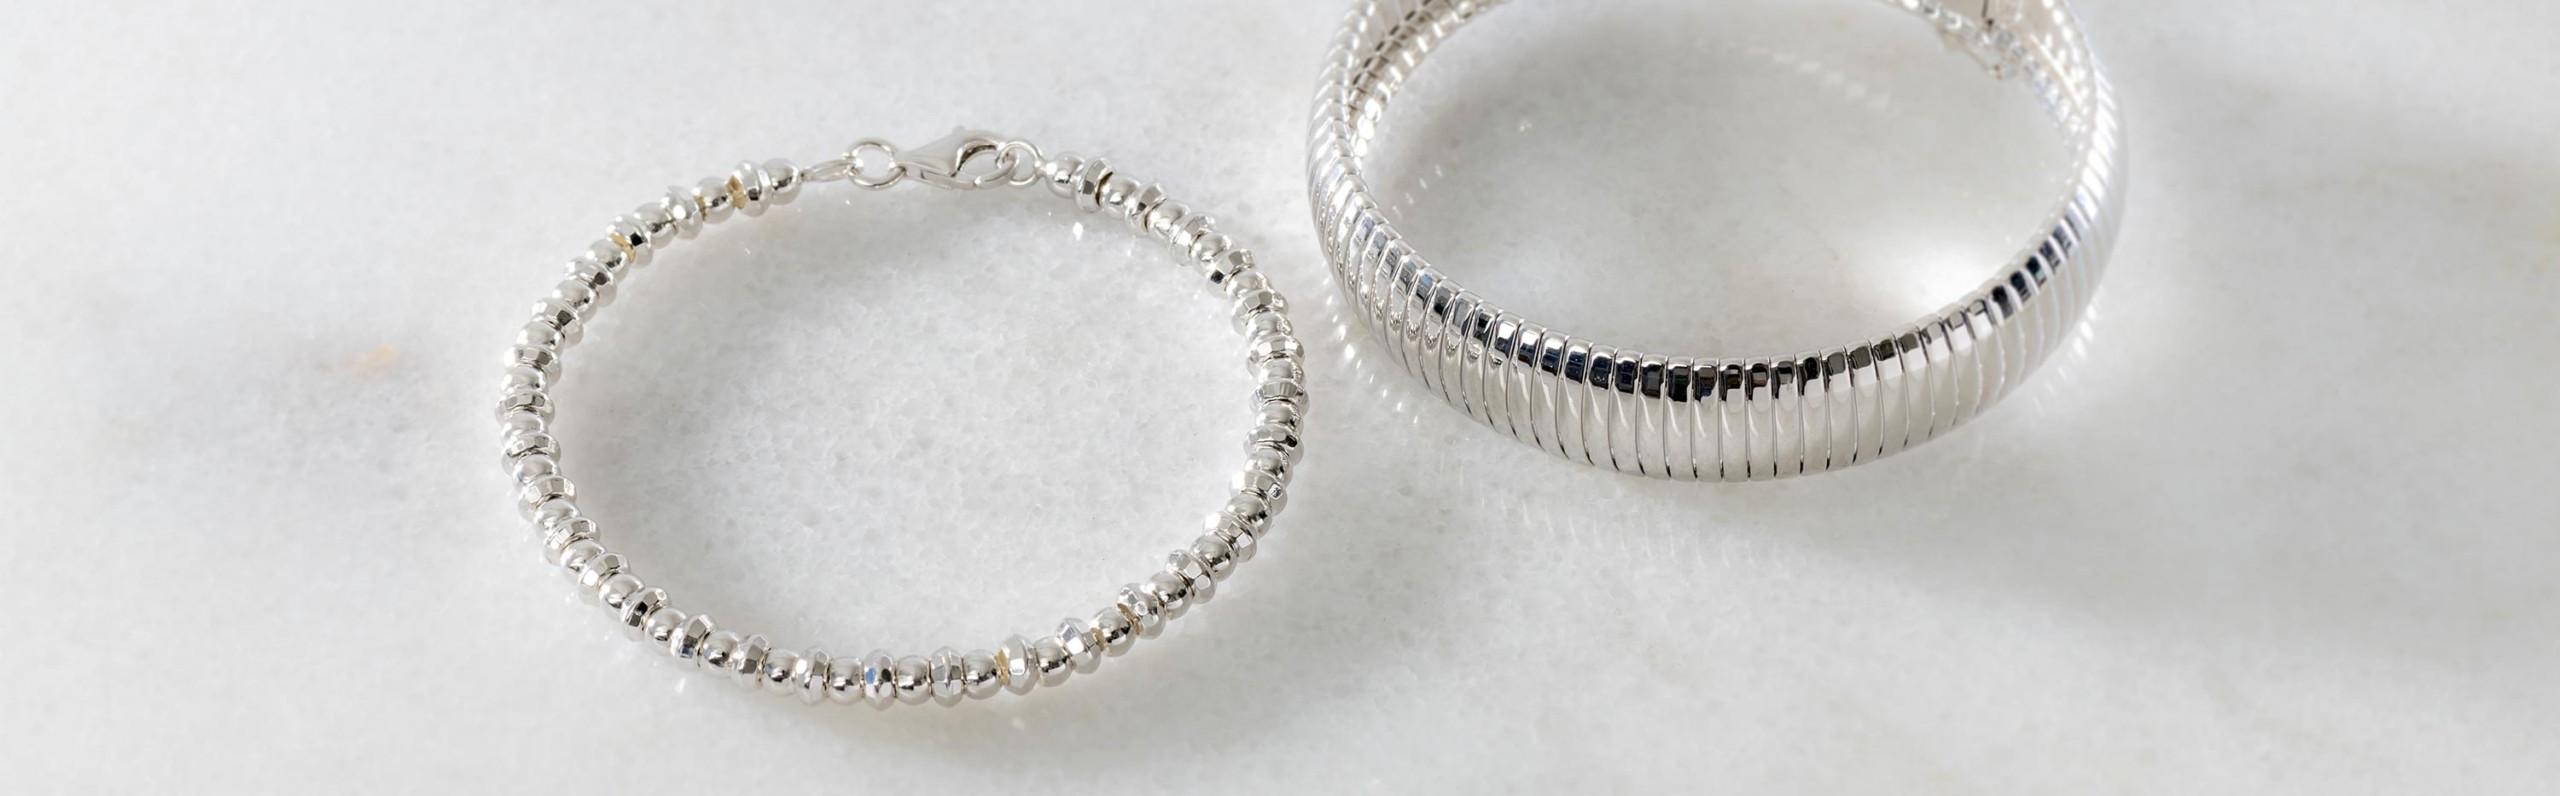 Bracelets - Dawes Jewellery Home Page